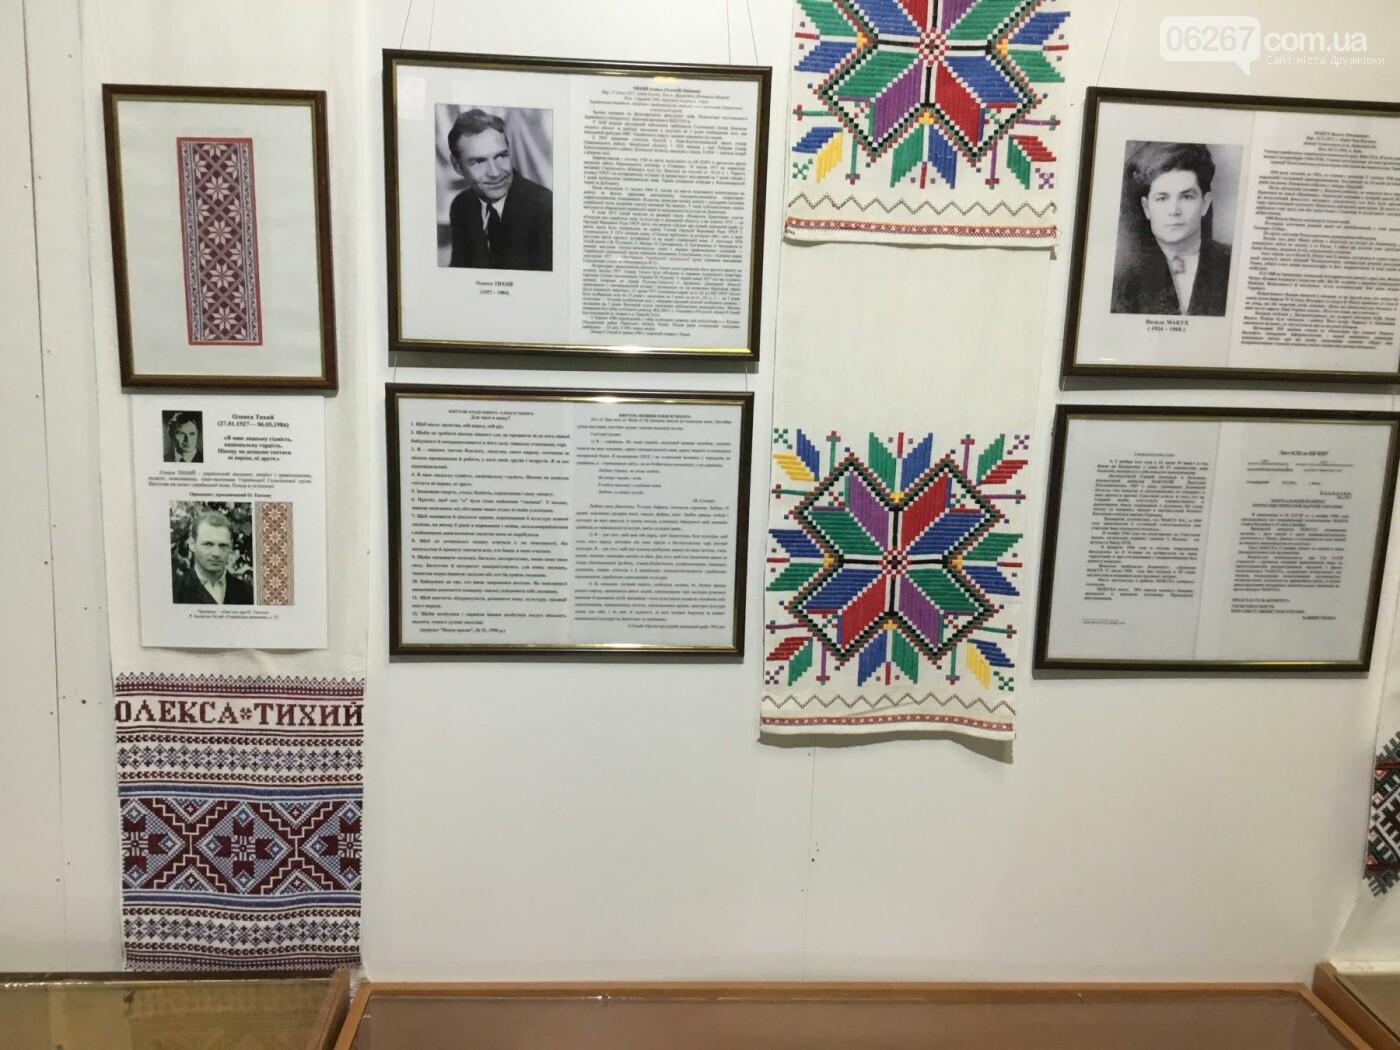 «С нами Бог и Украина»: В Дружковском историко-художественном музее представлены работы Людмилы Огневой, фото-3